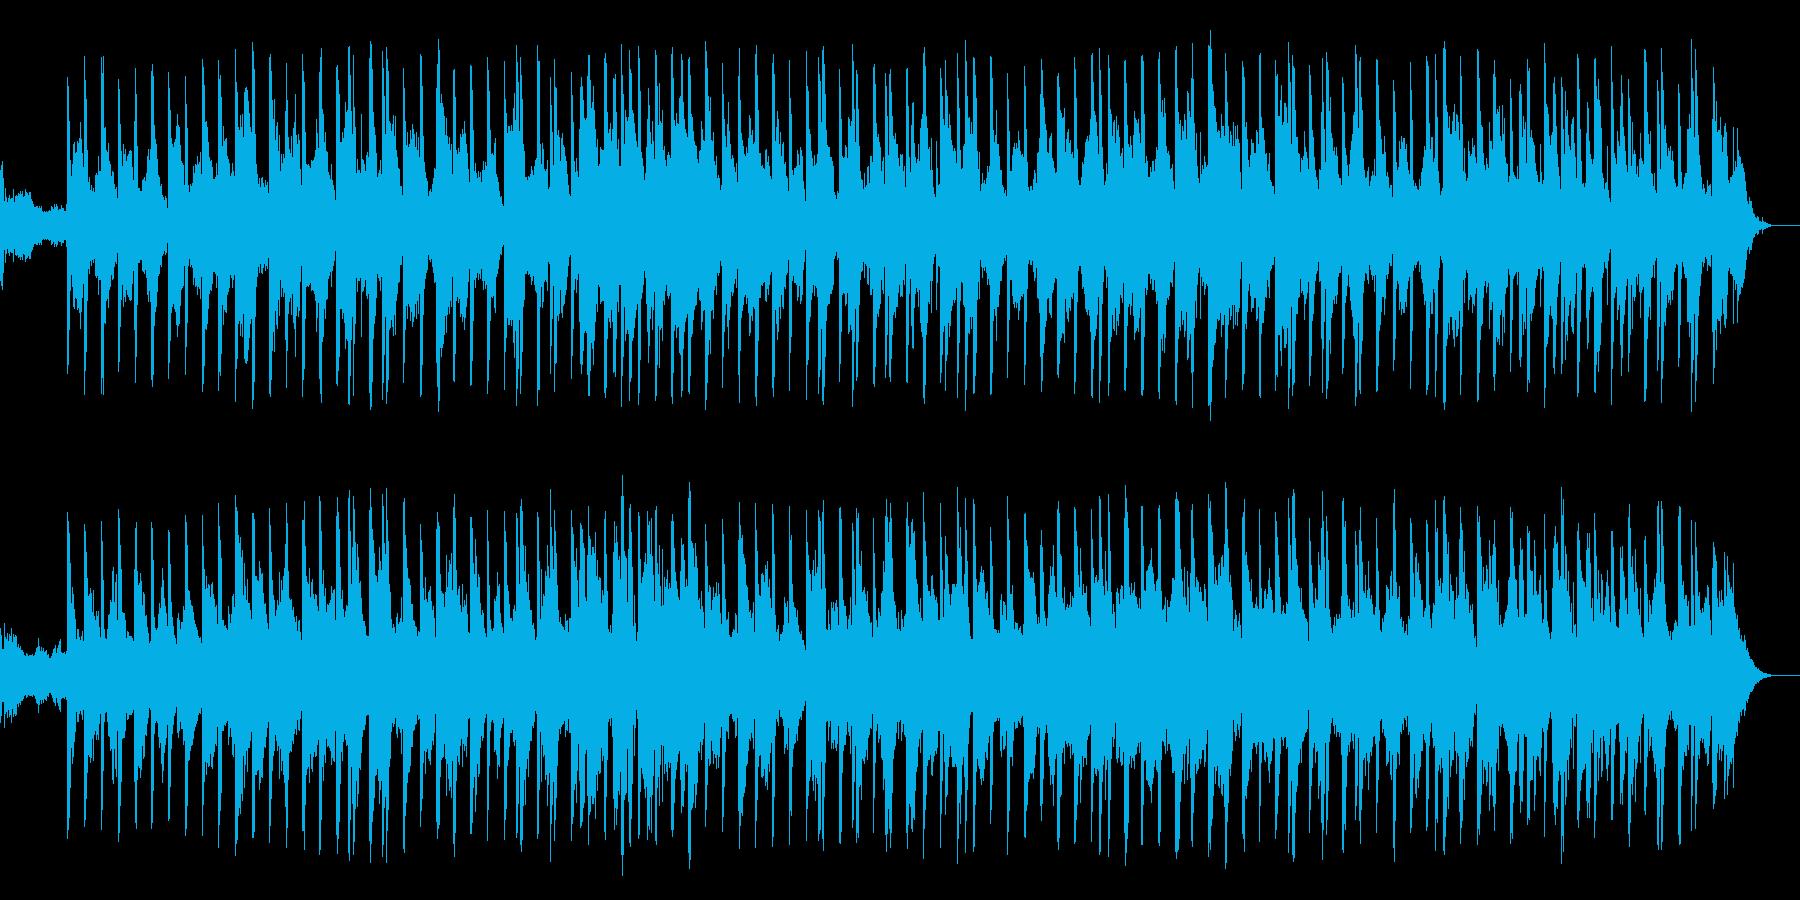 リラックス 催眠 不思議 CM 情報の再生済みの波形